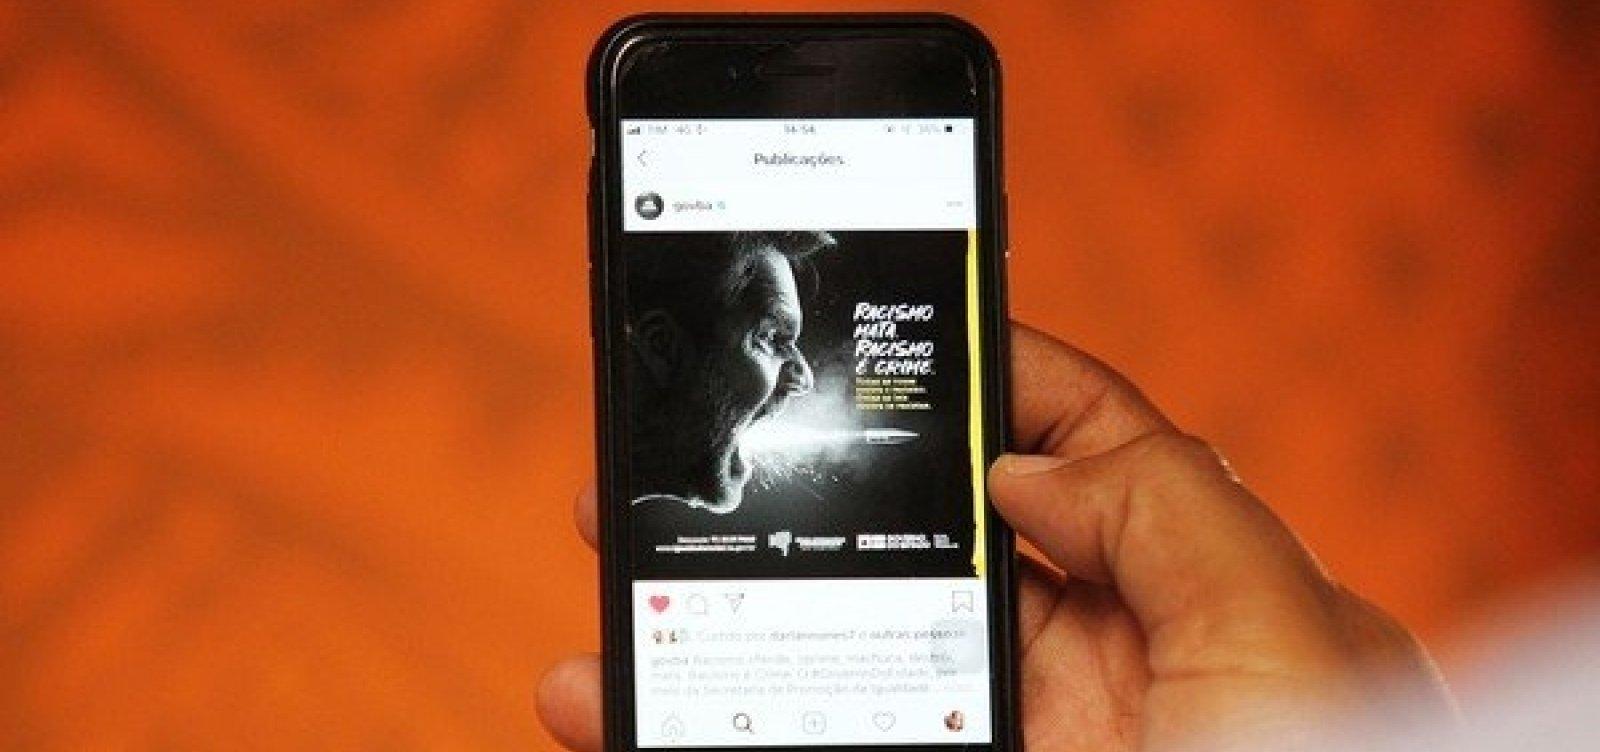 Denúncias de racismo na Bahia já podem ser feitas por telefone